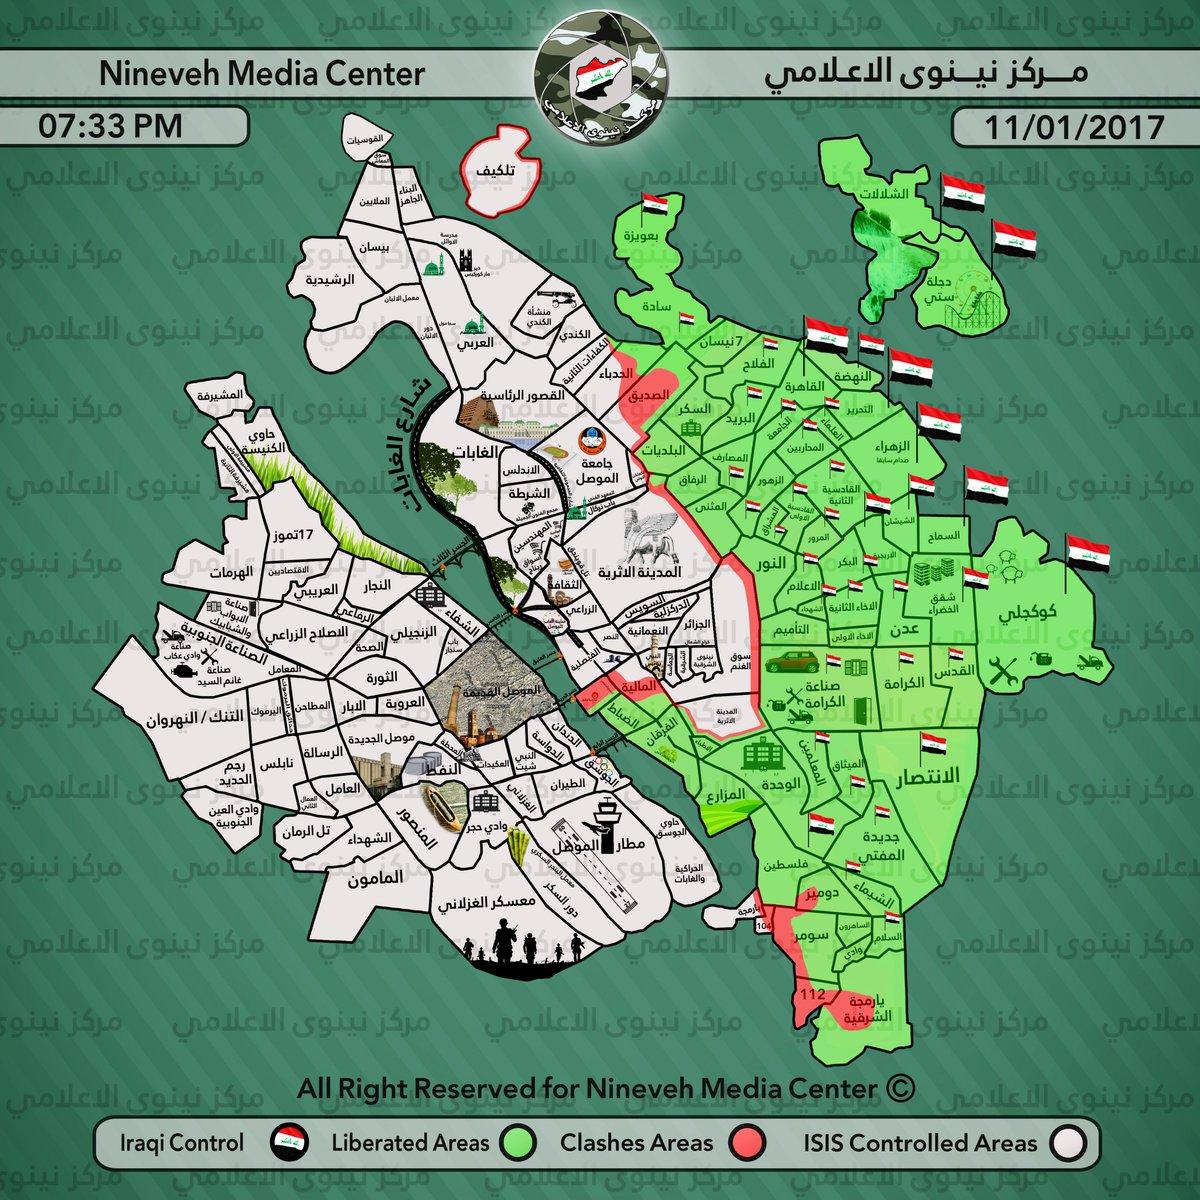 متابعة مستجدات الساحة العراقية - صفحة 29 C155nMmXcAIzXGG